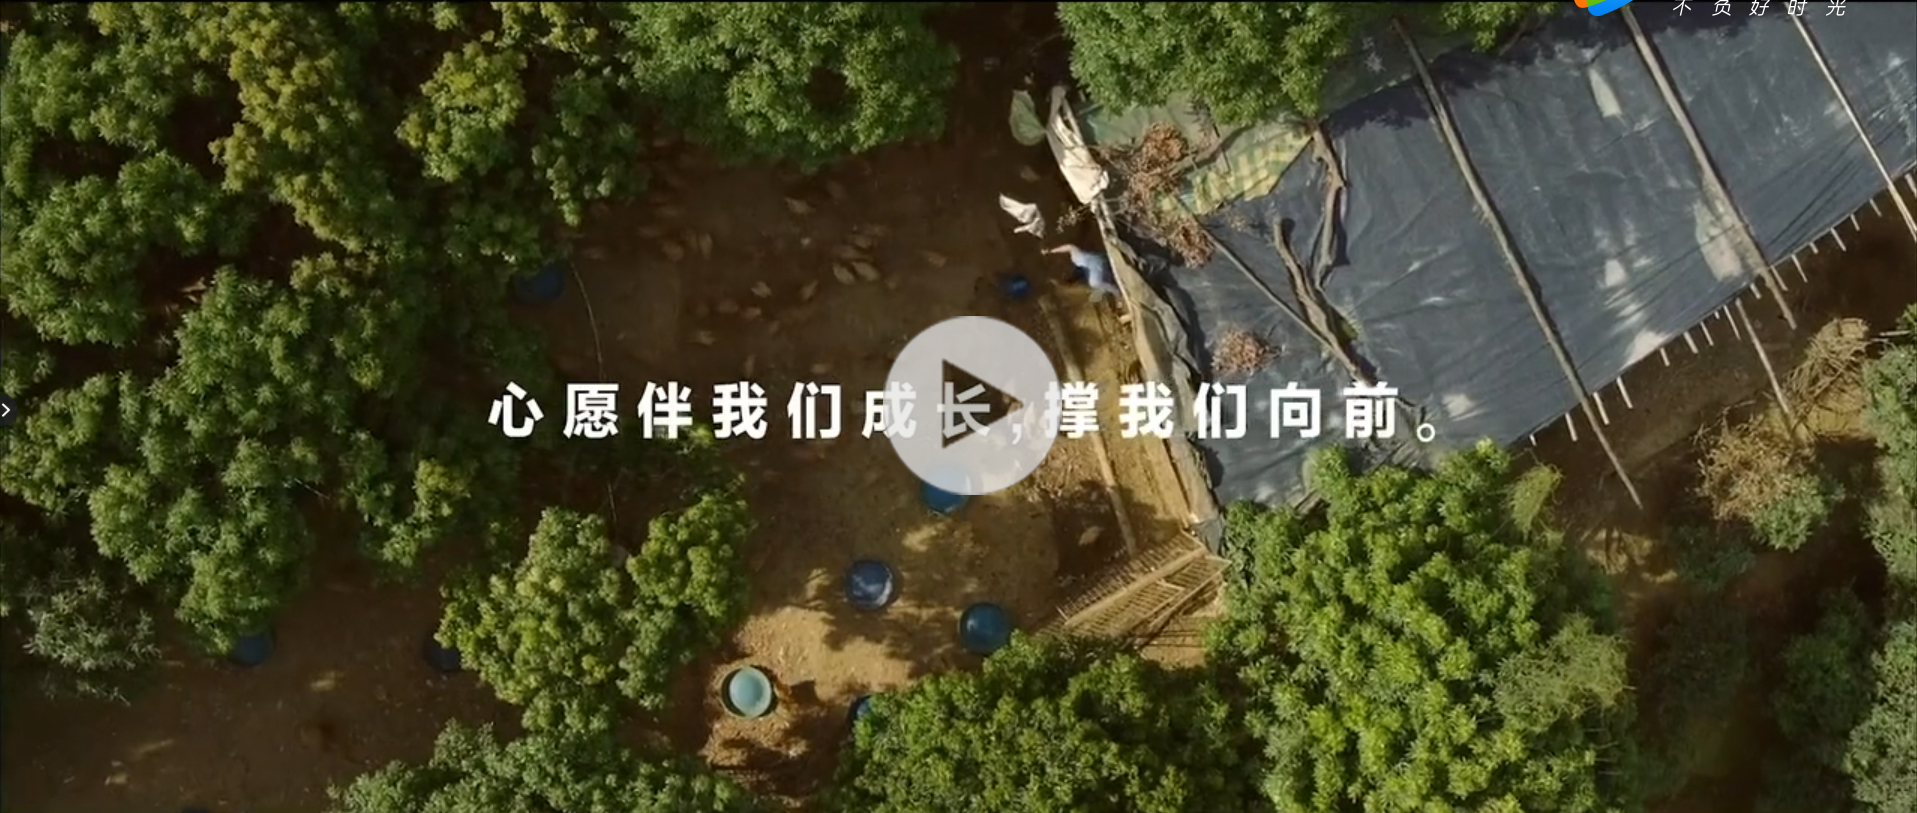 xingyuan bofang